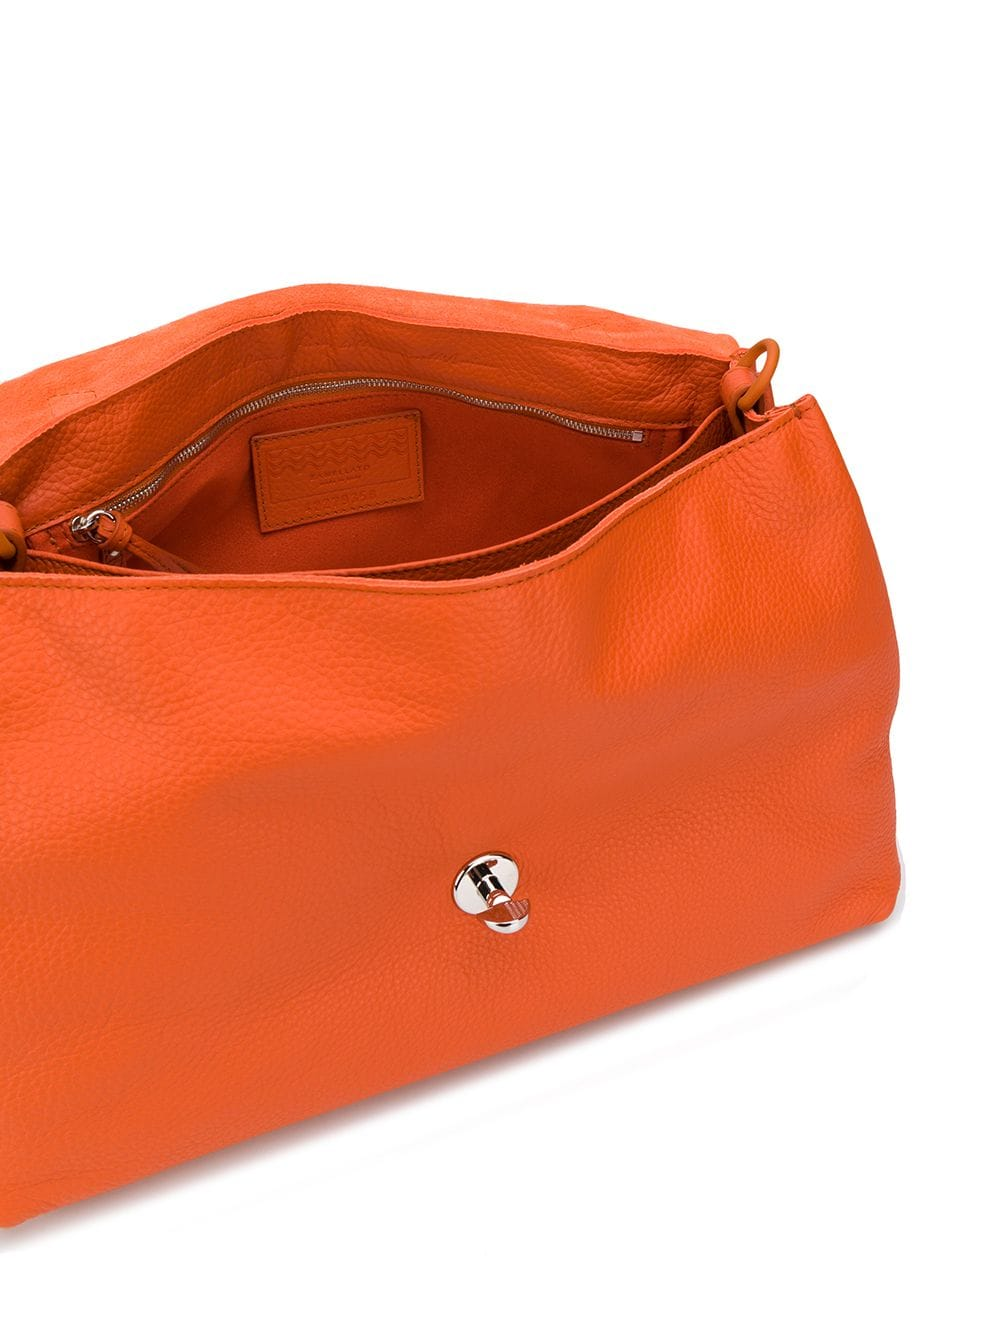 medium orange leather Postina bag Zanellato |  | 6801-P604